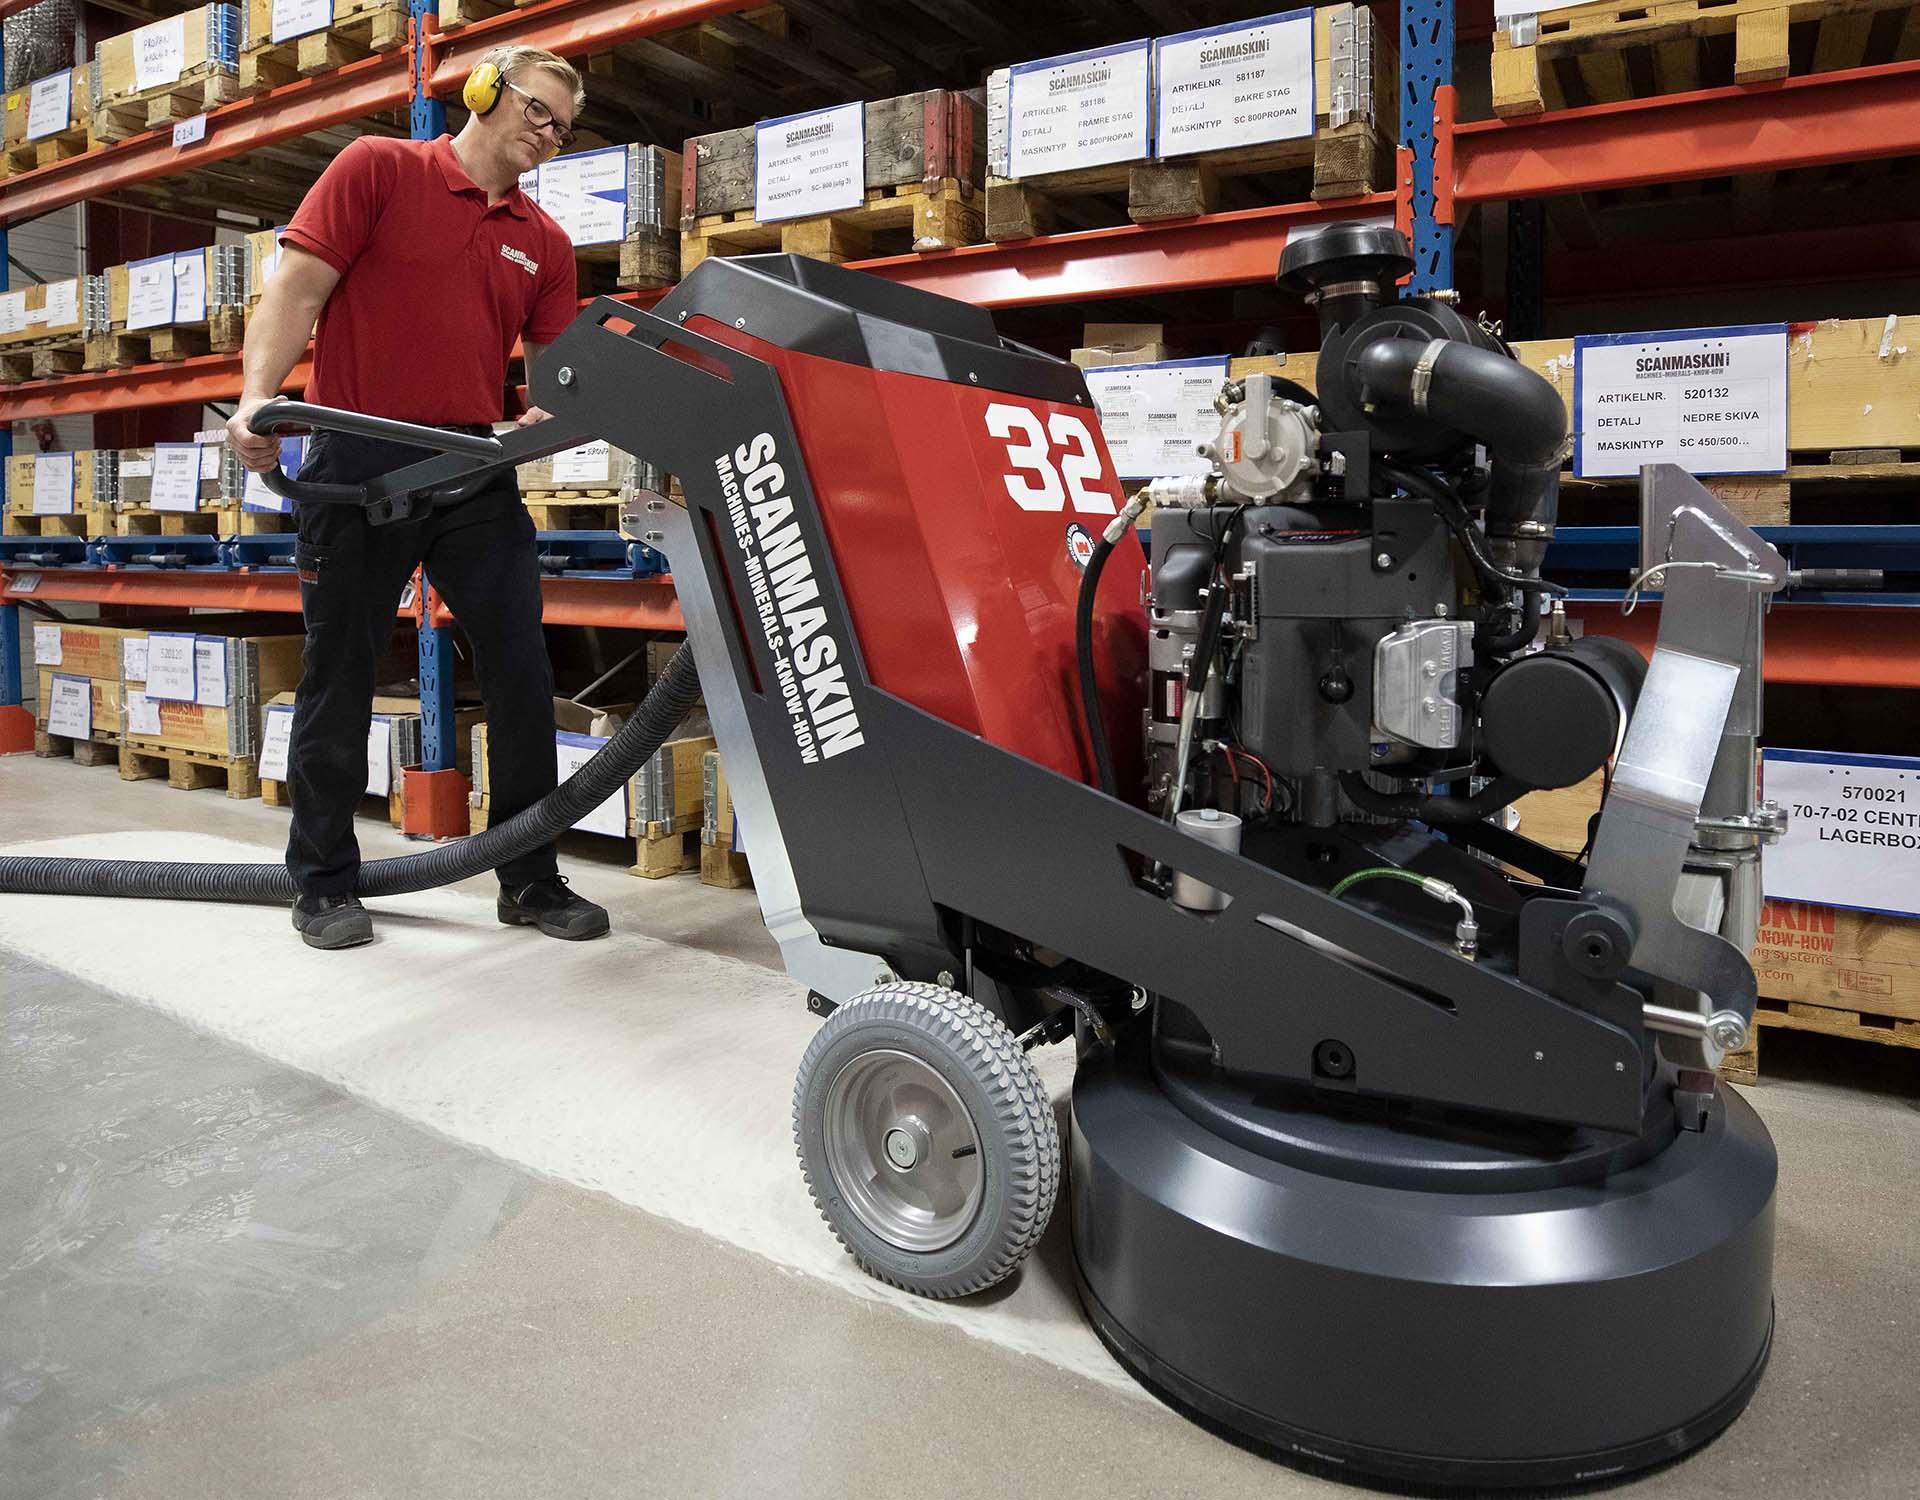 Těsnicí řešení pro profesionální podlahové brusky